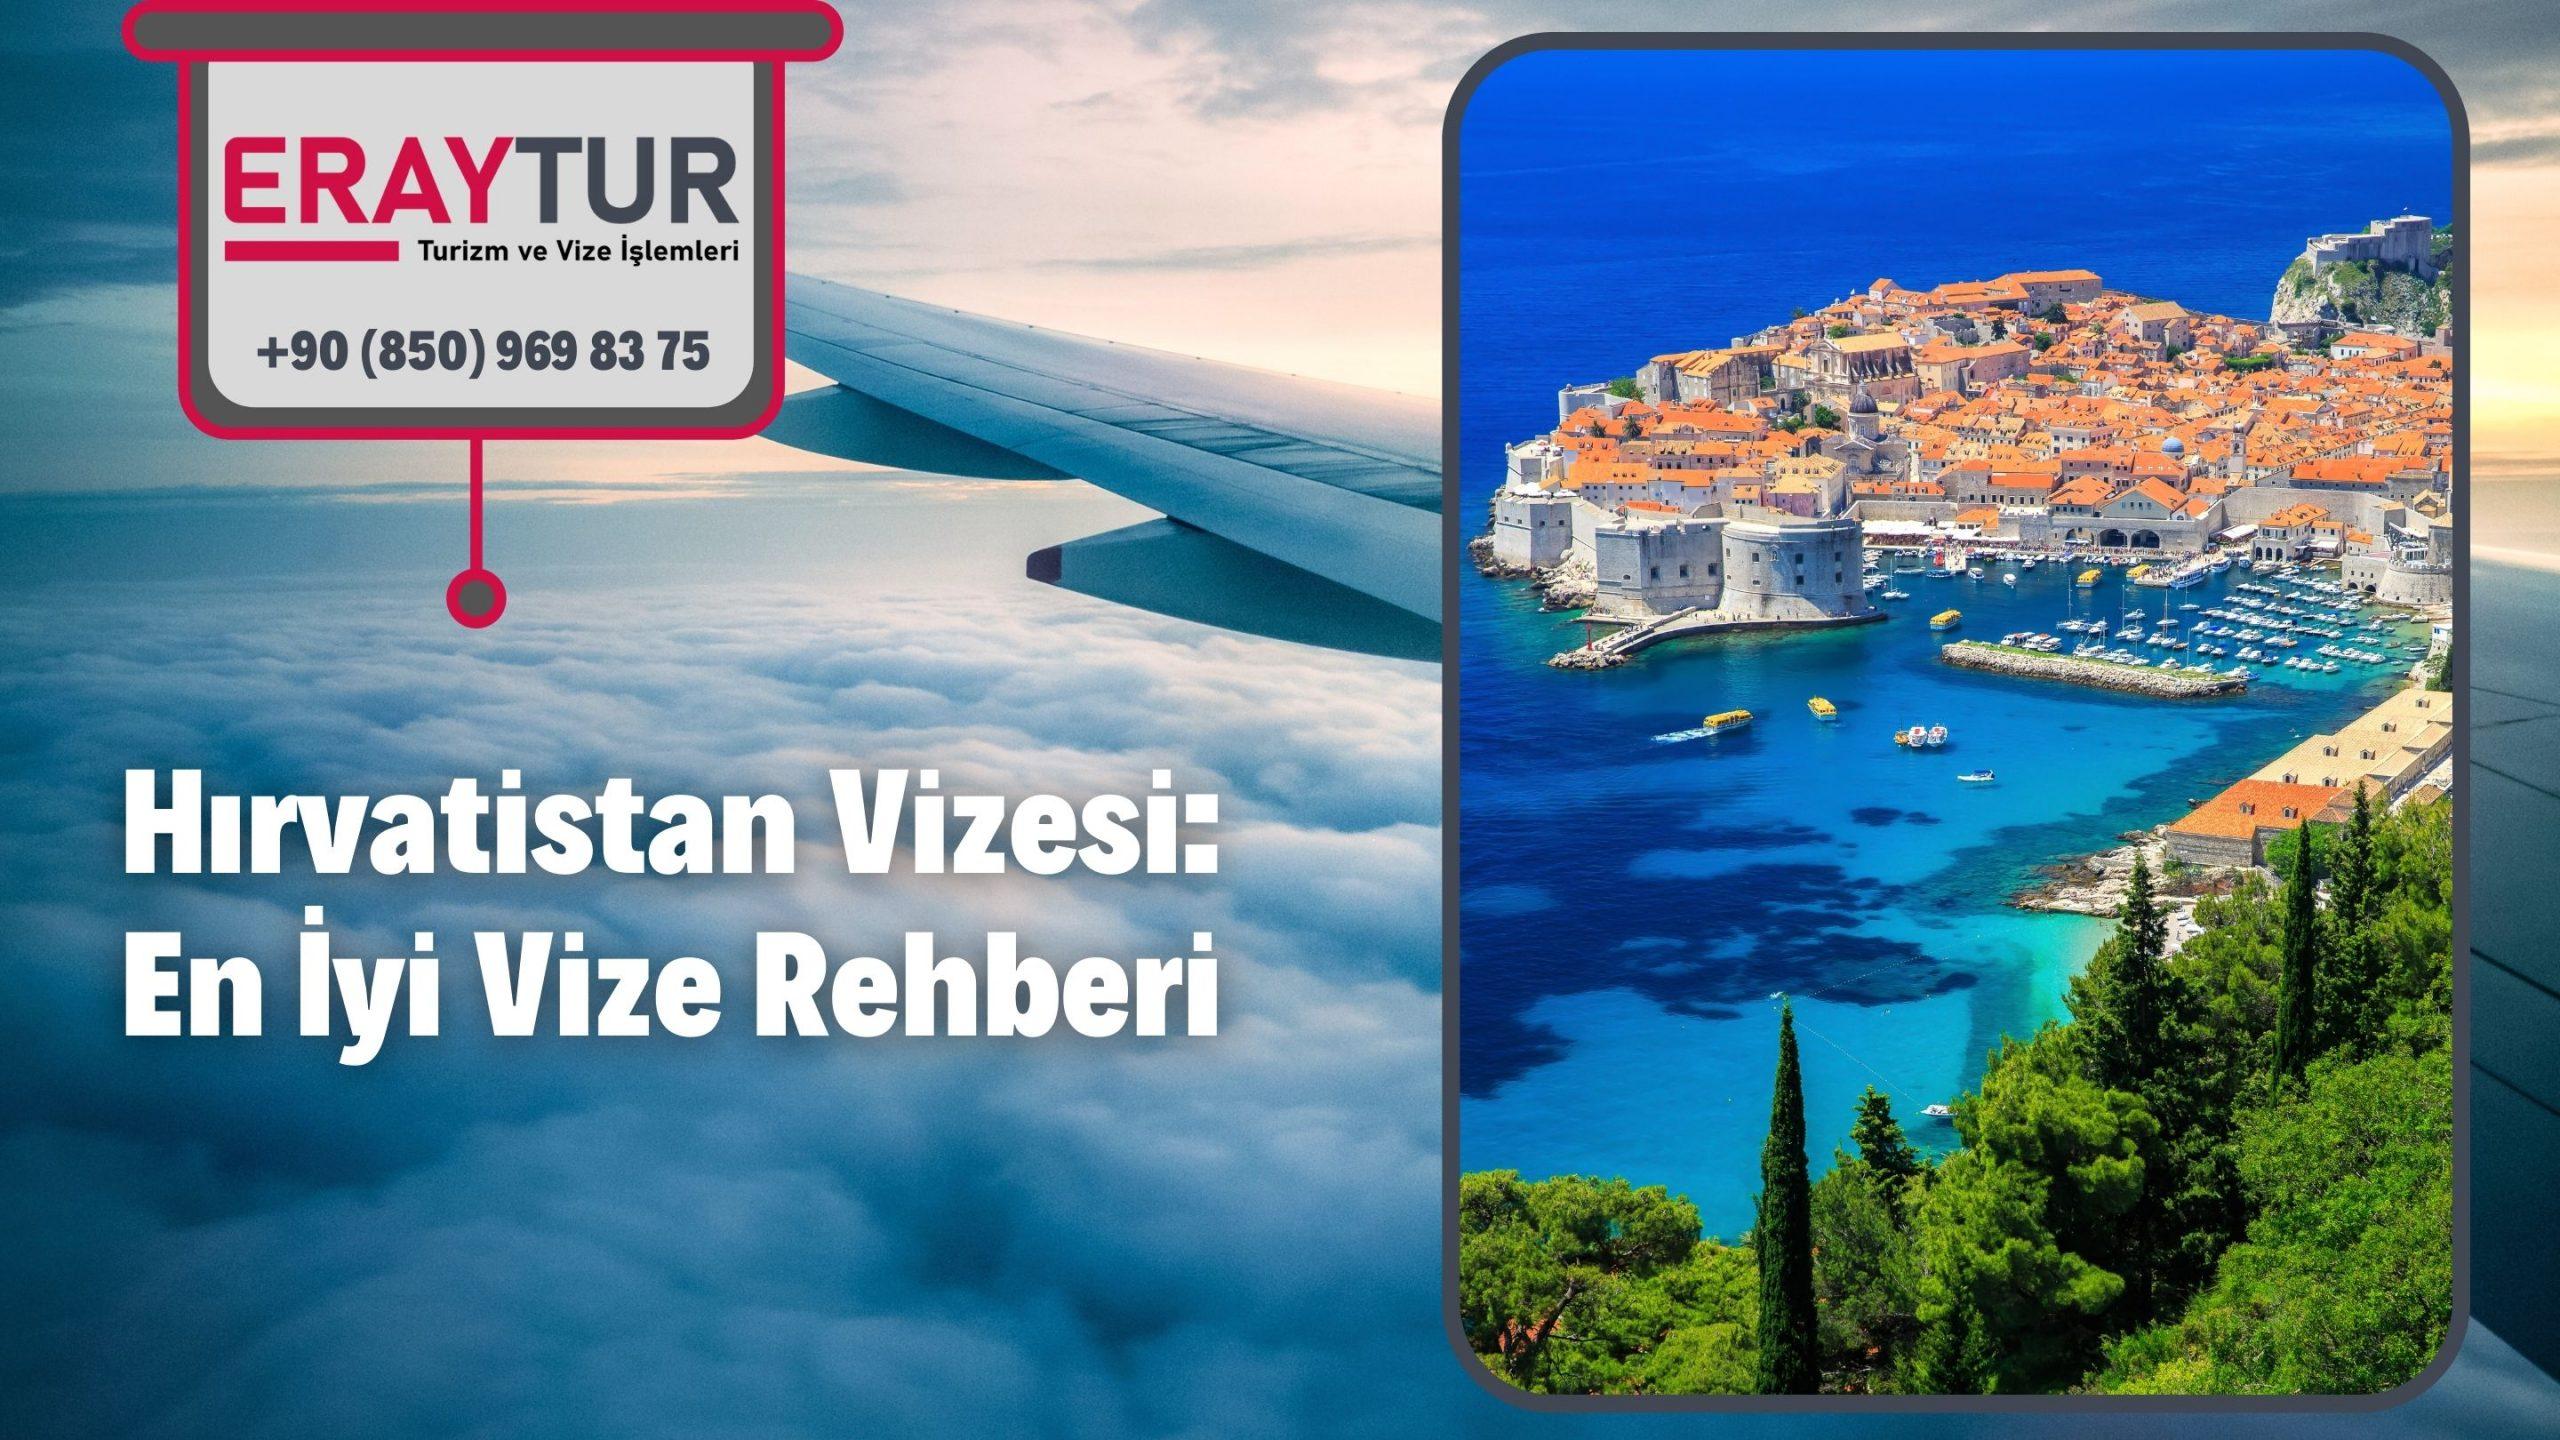 Hırvatistan Vizesi: En İyi Vize Rehberi 2021